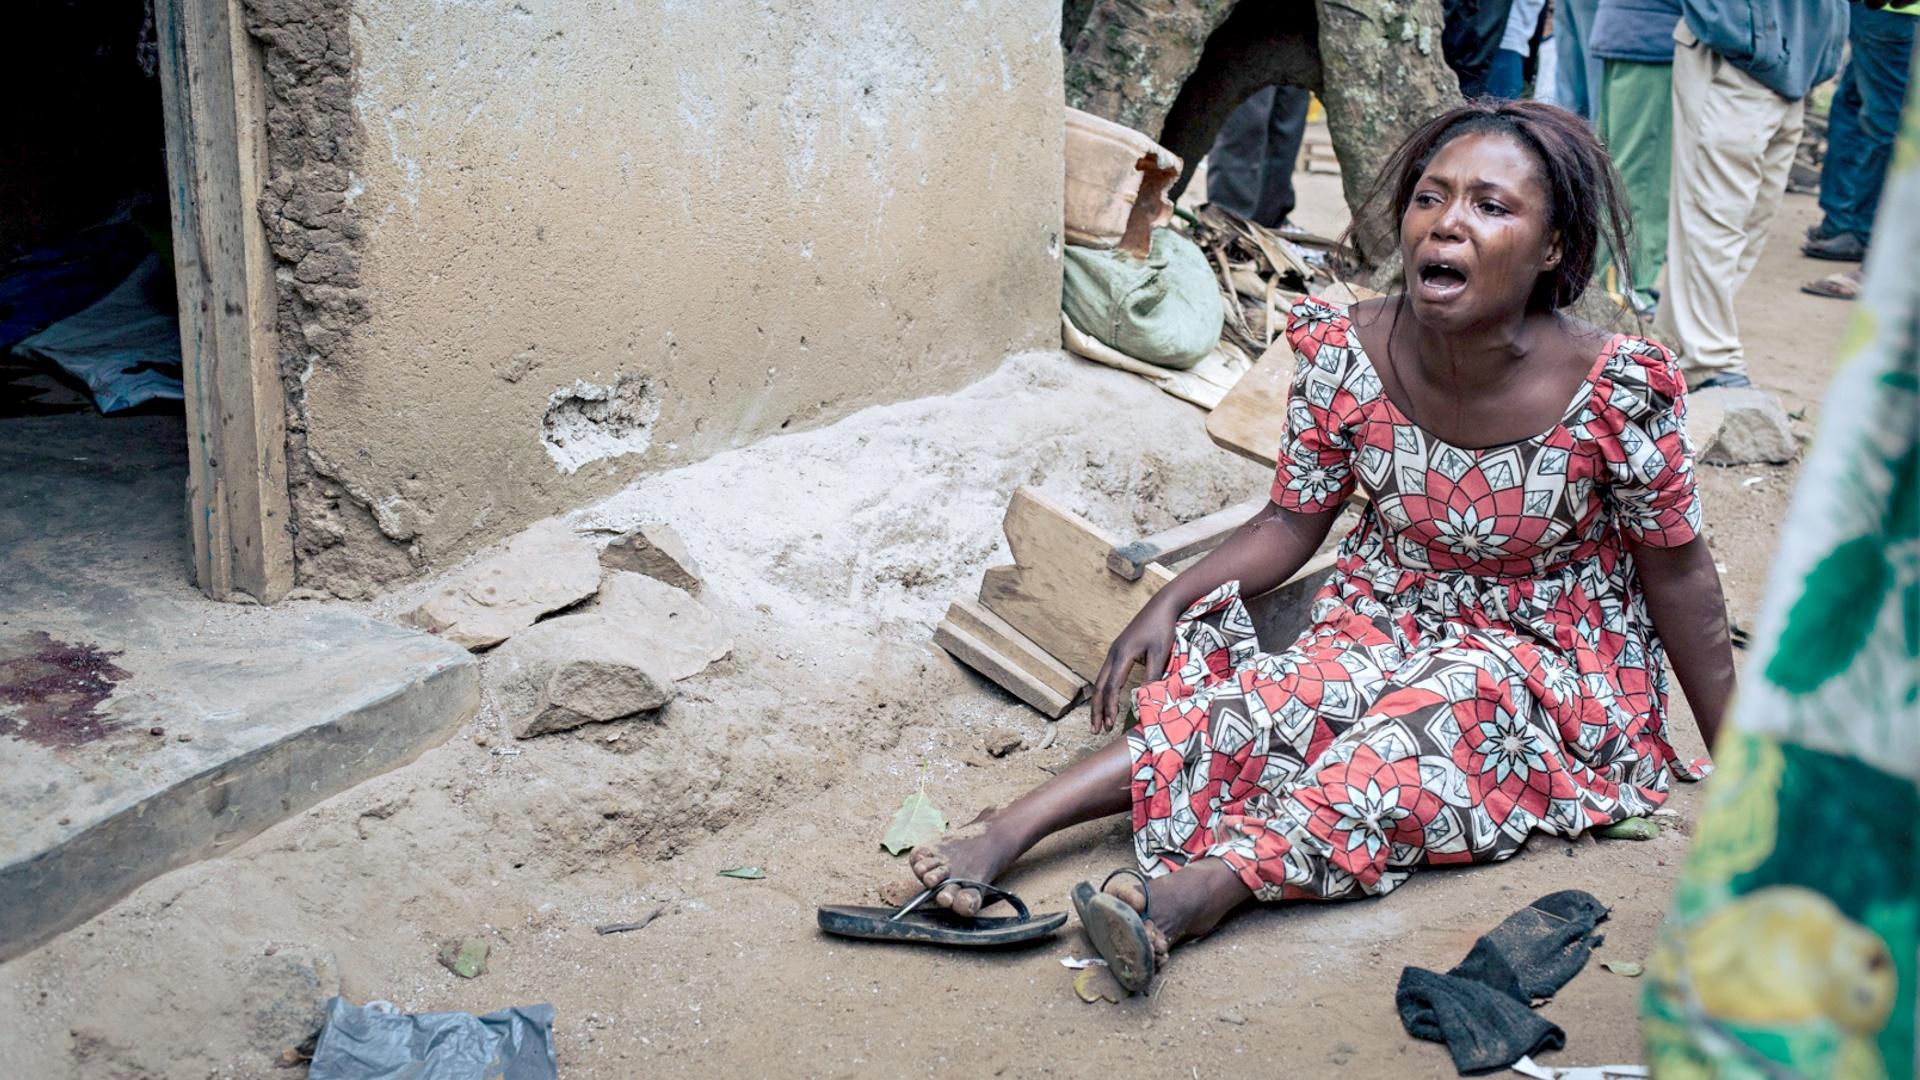 ООН: на северо-западе ДР Конго из-за насилия погибло 890 человек